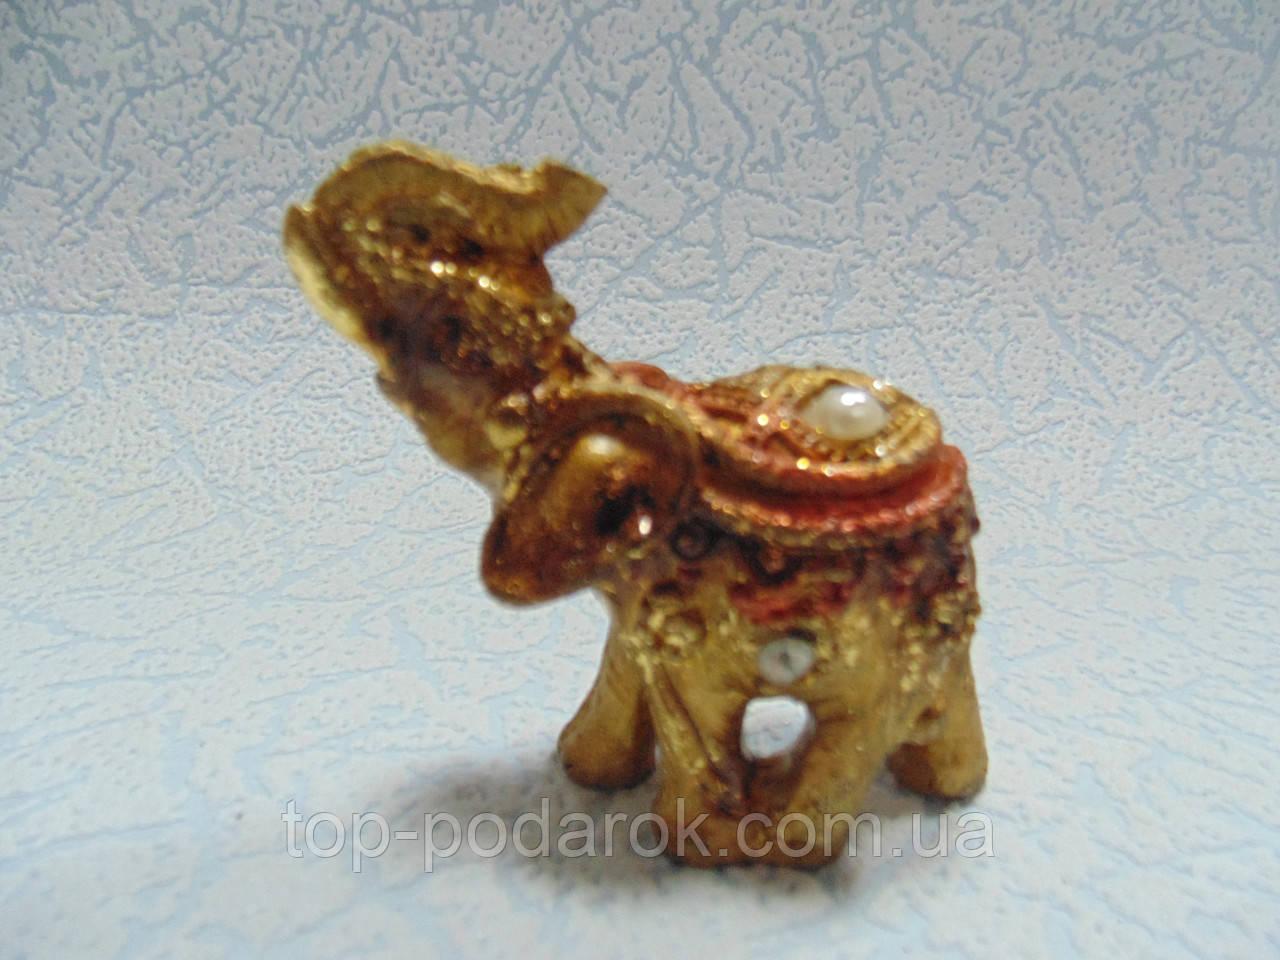 Статуэтка слон с камнями керамическая размер 5.5*5.5*2 см